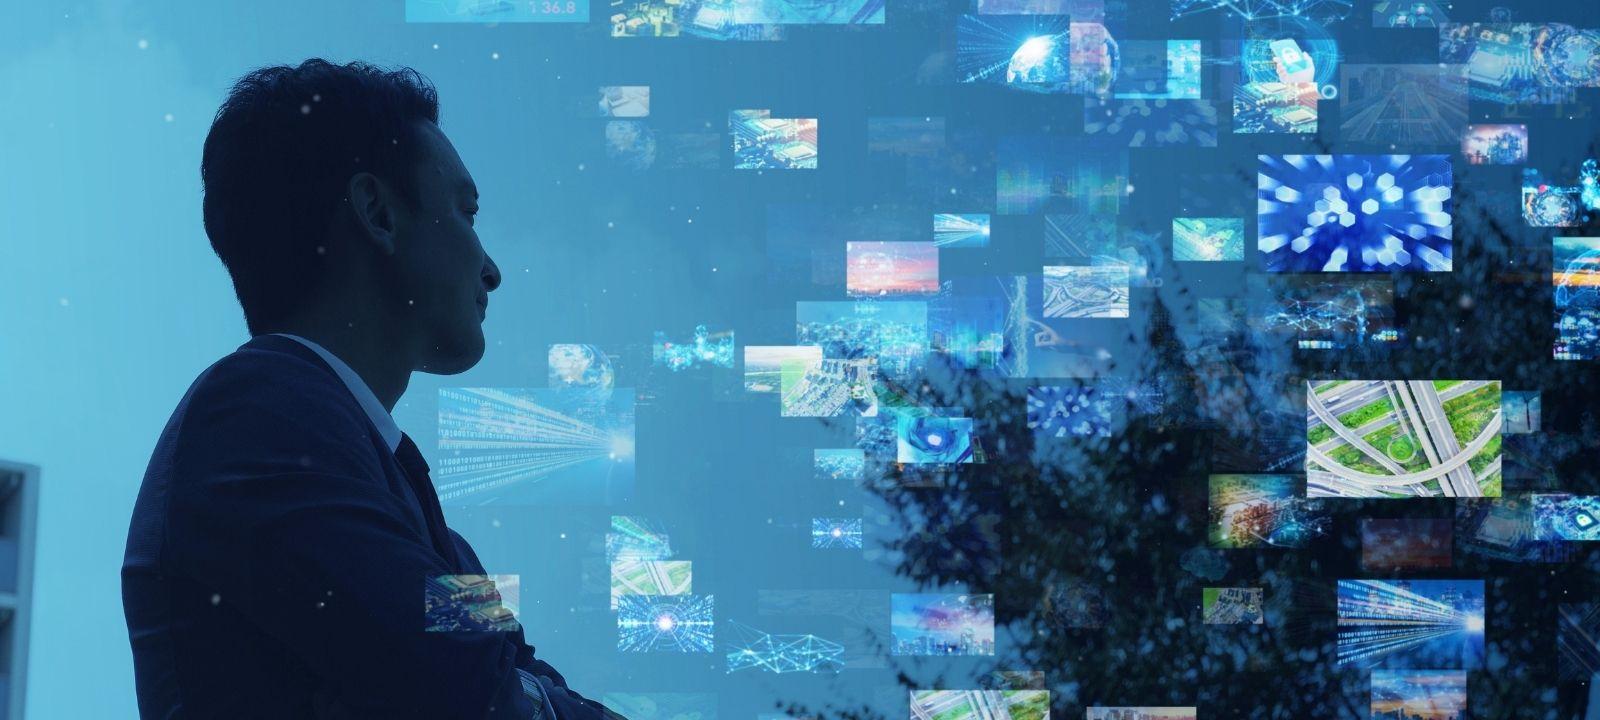 Curso virtual - Sociedad 5.0: transformación digital, ética y sostenibilidad